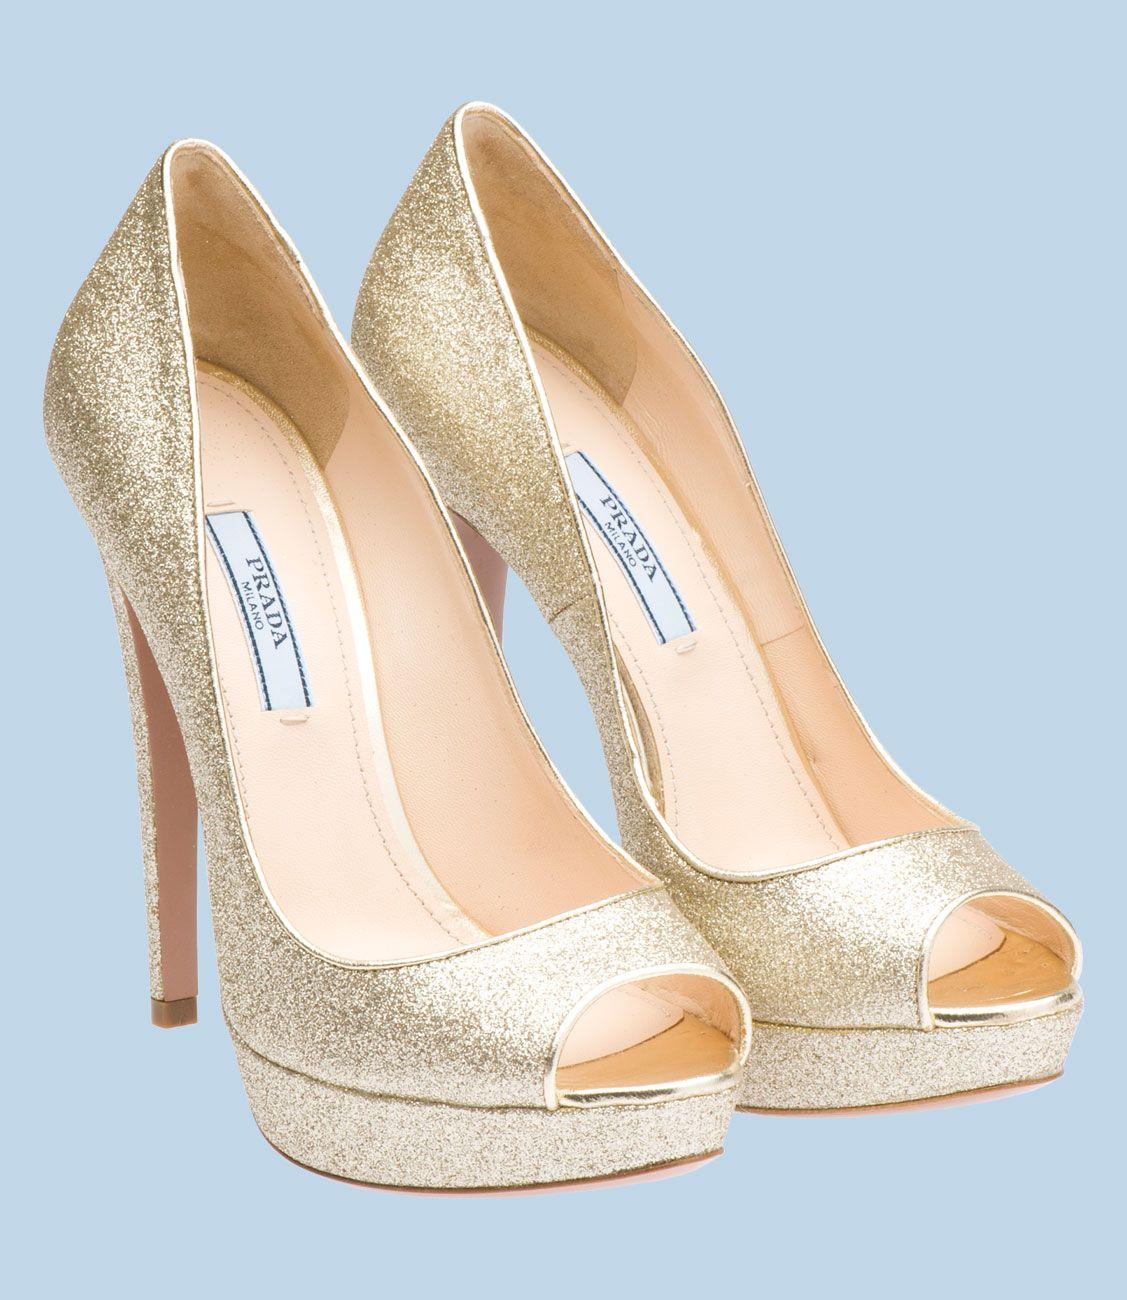 8e281567dfb87 zapato mujer prada glitter